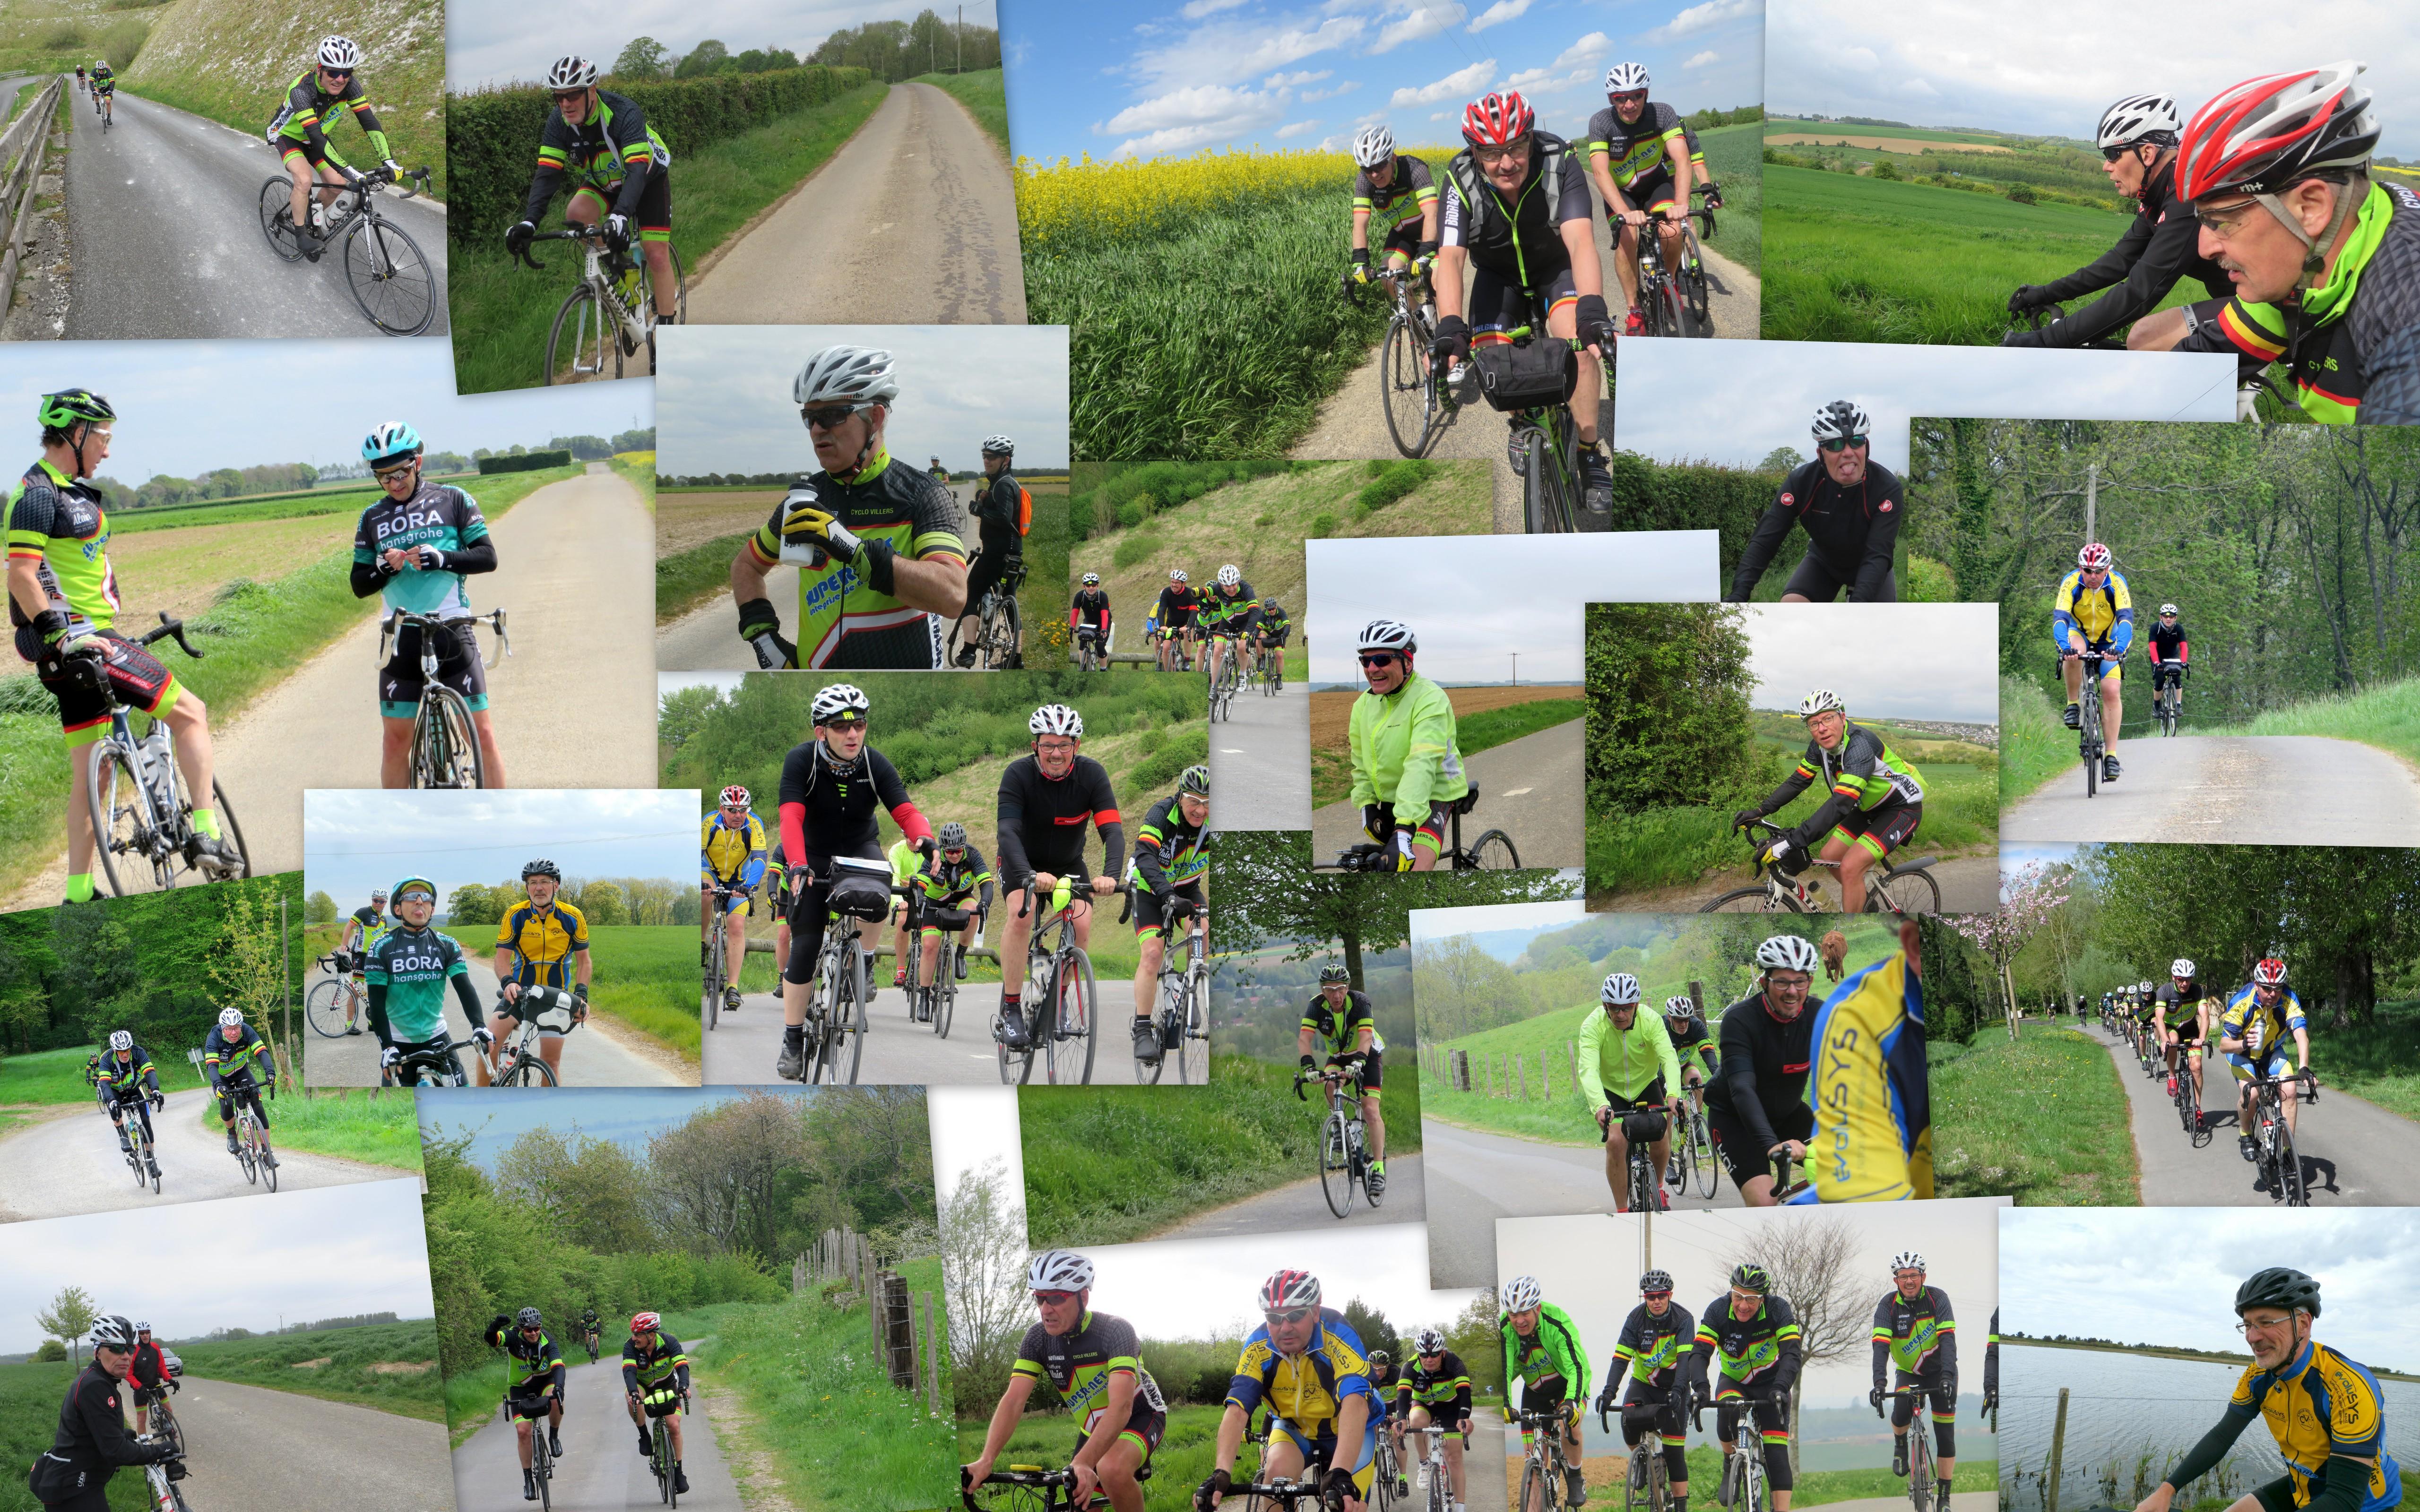 Séjour cyclo en Baie de Somme : du 27 au lundi 30 avril 2018 - Page 6 180503085739225466